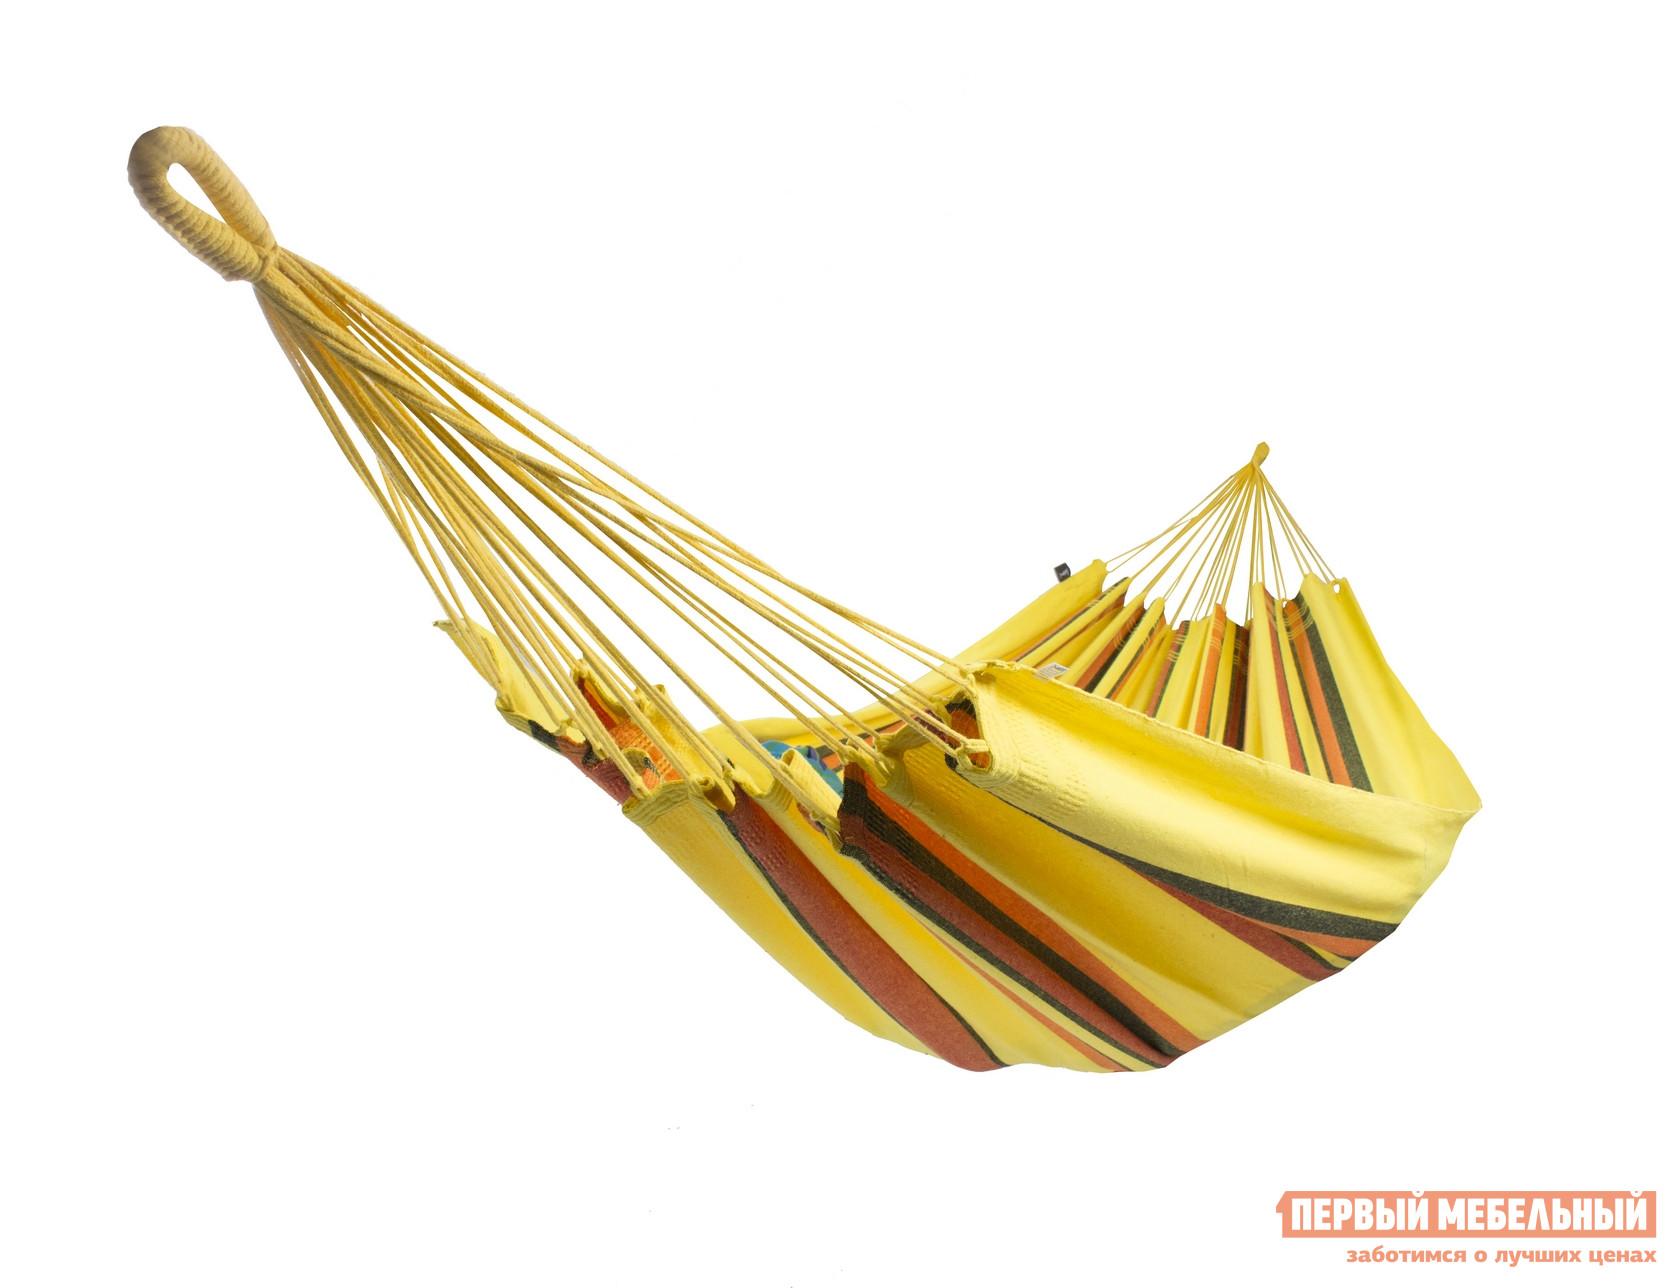 Гамак Мебель Импэкс MILLI SUN (BHD-02) гамак гамак гамак гамак гамак открытый гамак наружные подвески